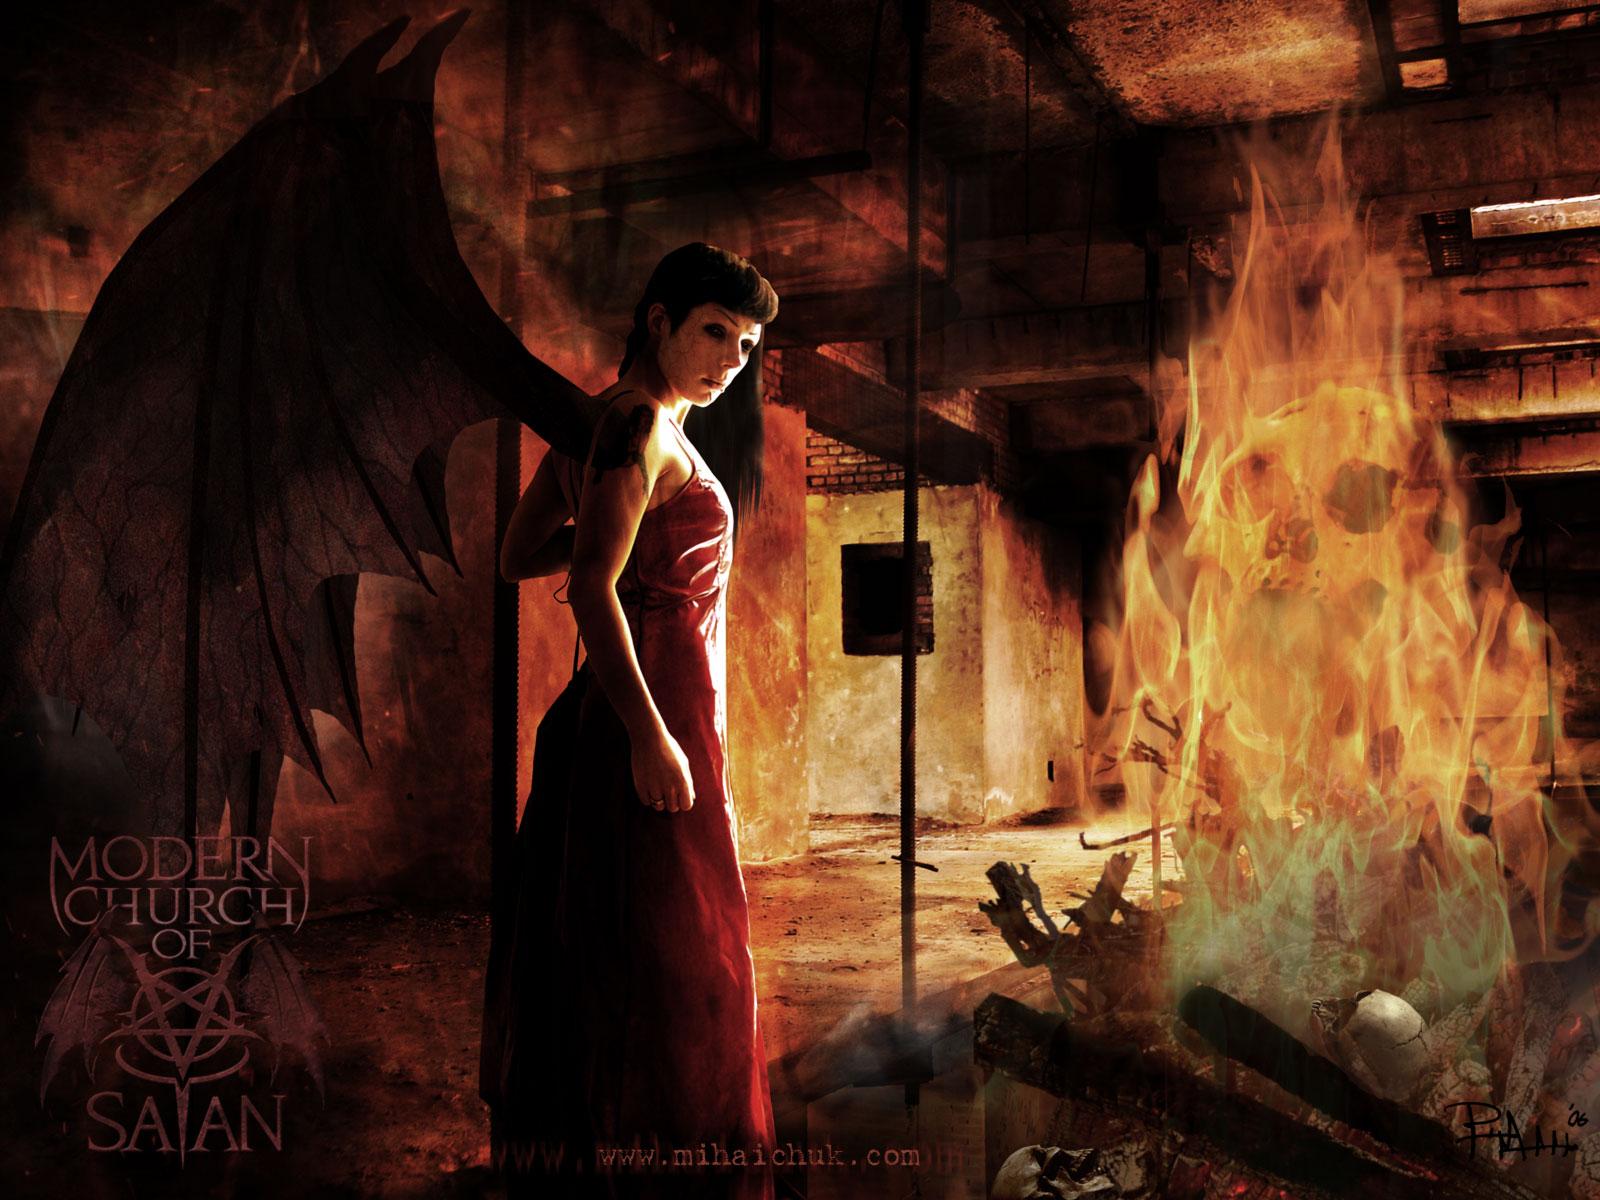 http://1.bp.blogspot.com/_SDUlJZC8rcw/TOA1qwb-yII/AAAAAAAAAHk/JoOs-4X9ifI/s1600/MCoS_From_Hell_1600x1200.jpg